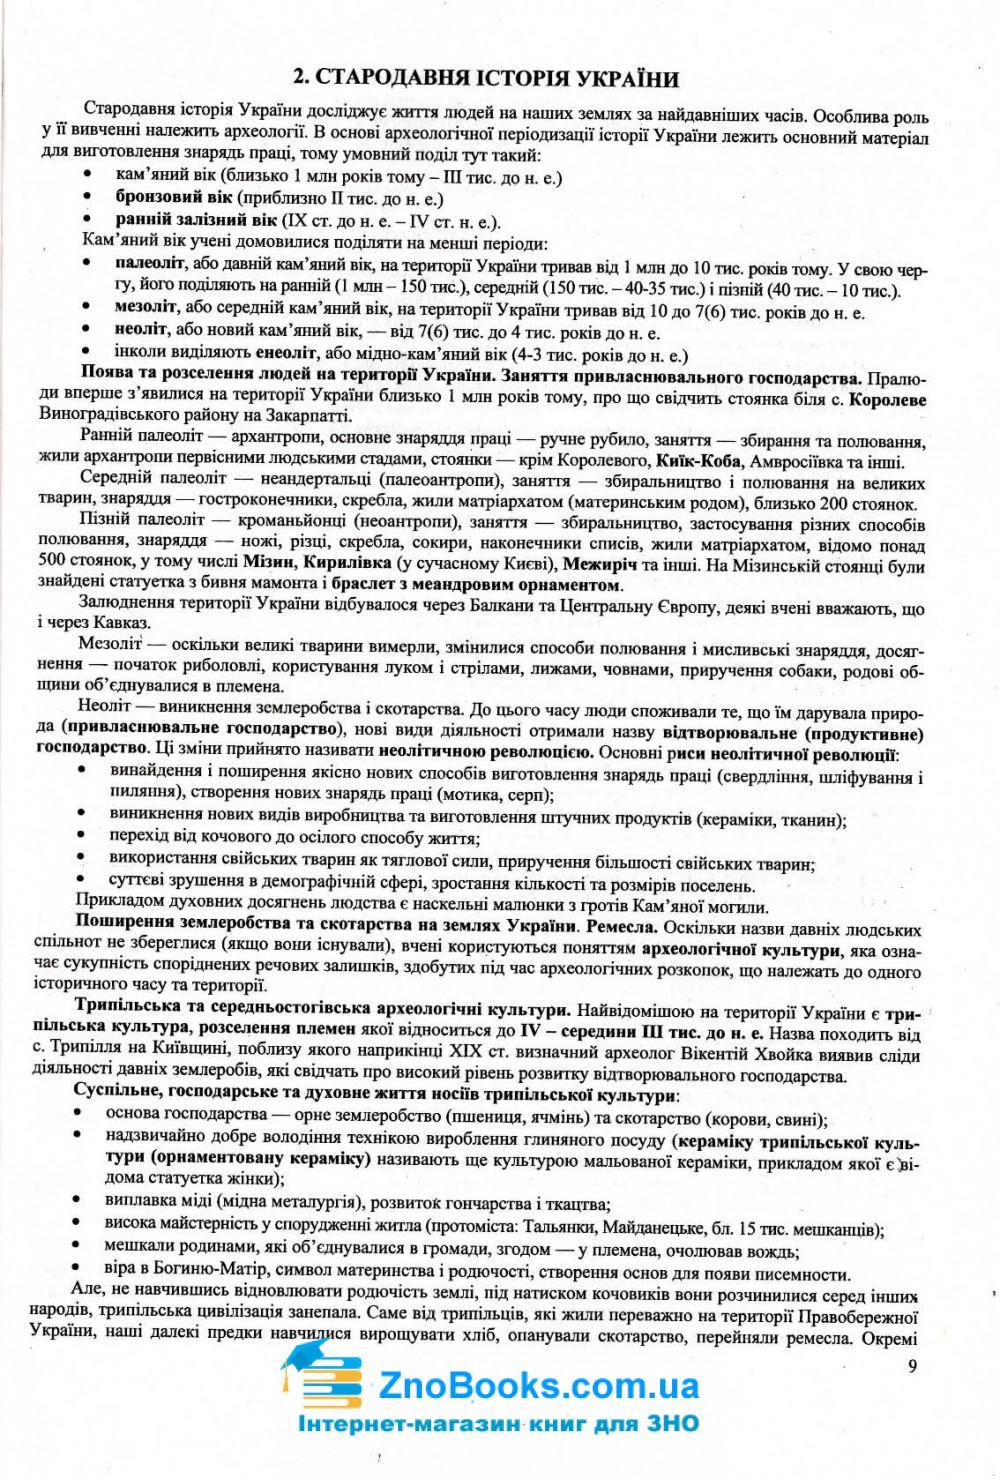 ЗНО 2021 Історія України. Комплексне видання : Панчук І. Підручники і посібники. купити 6